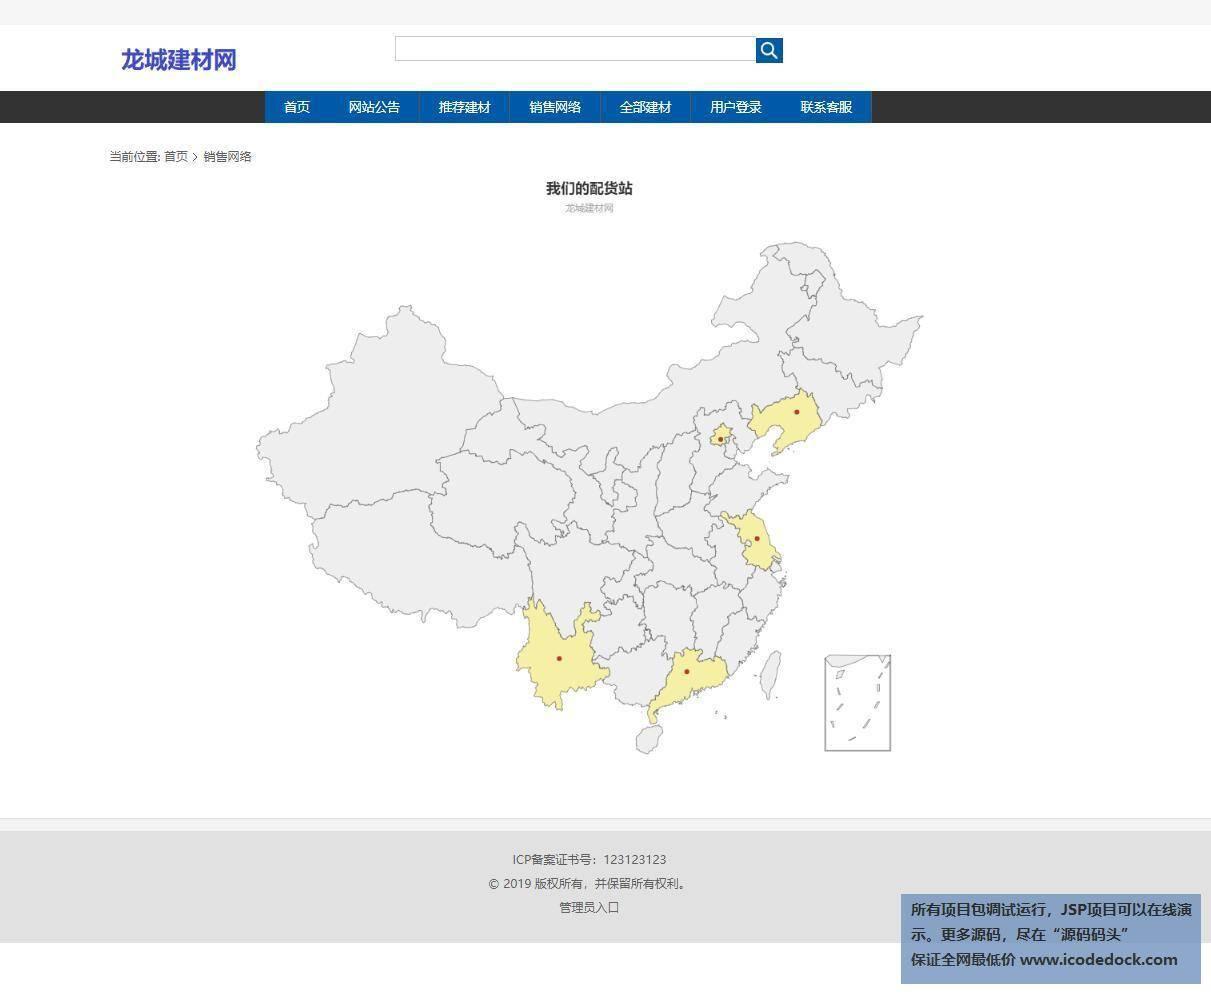 源码码头-SSM建材商城网站-用户角色-销售网络